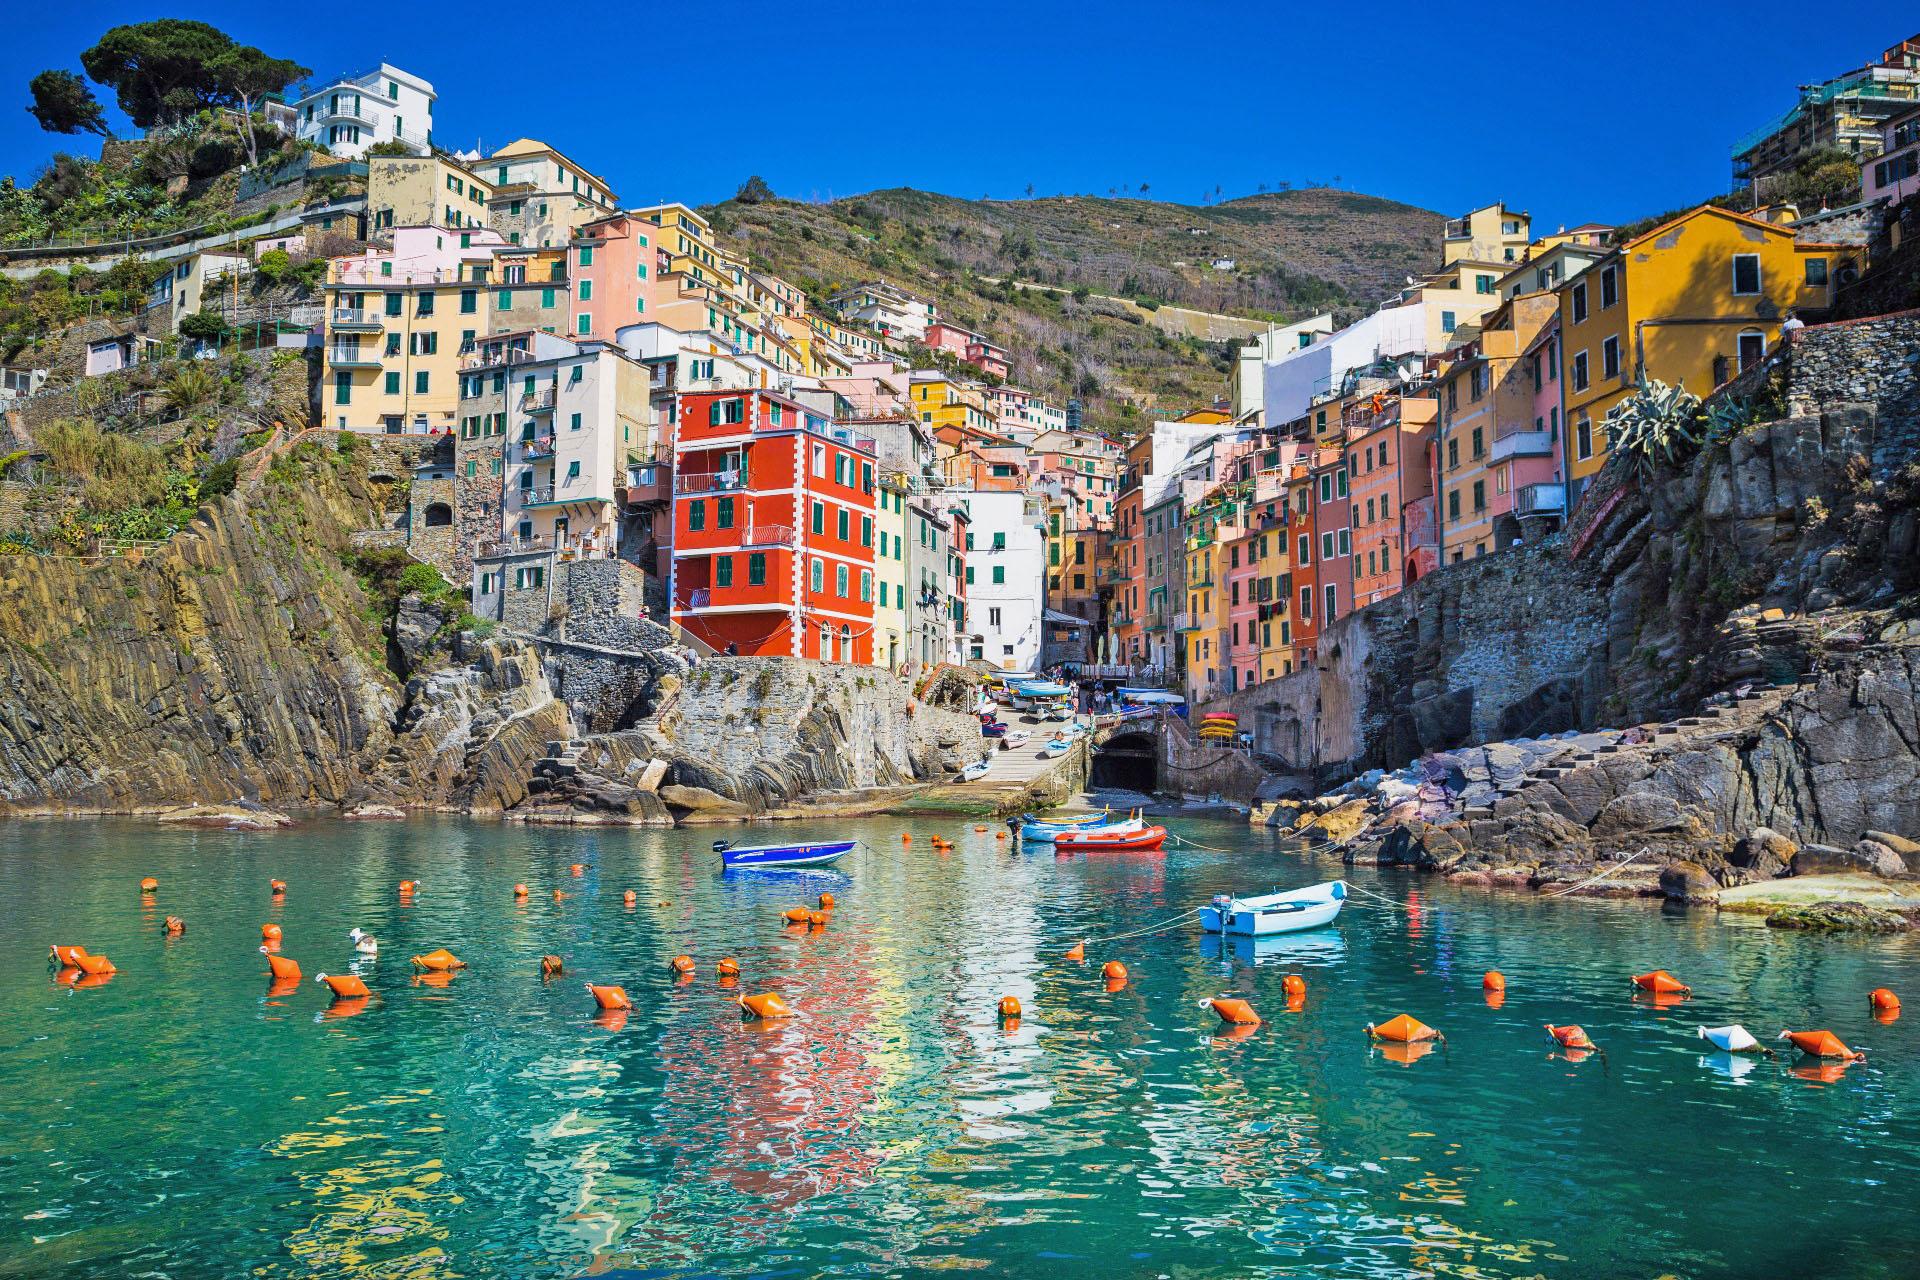 リオマッジョーレの風景 イタリアの風景